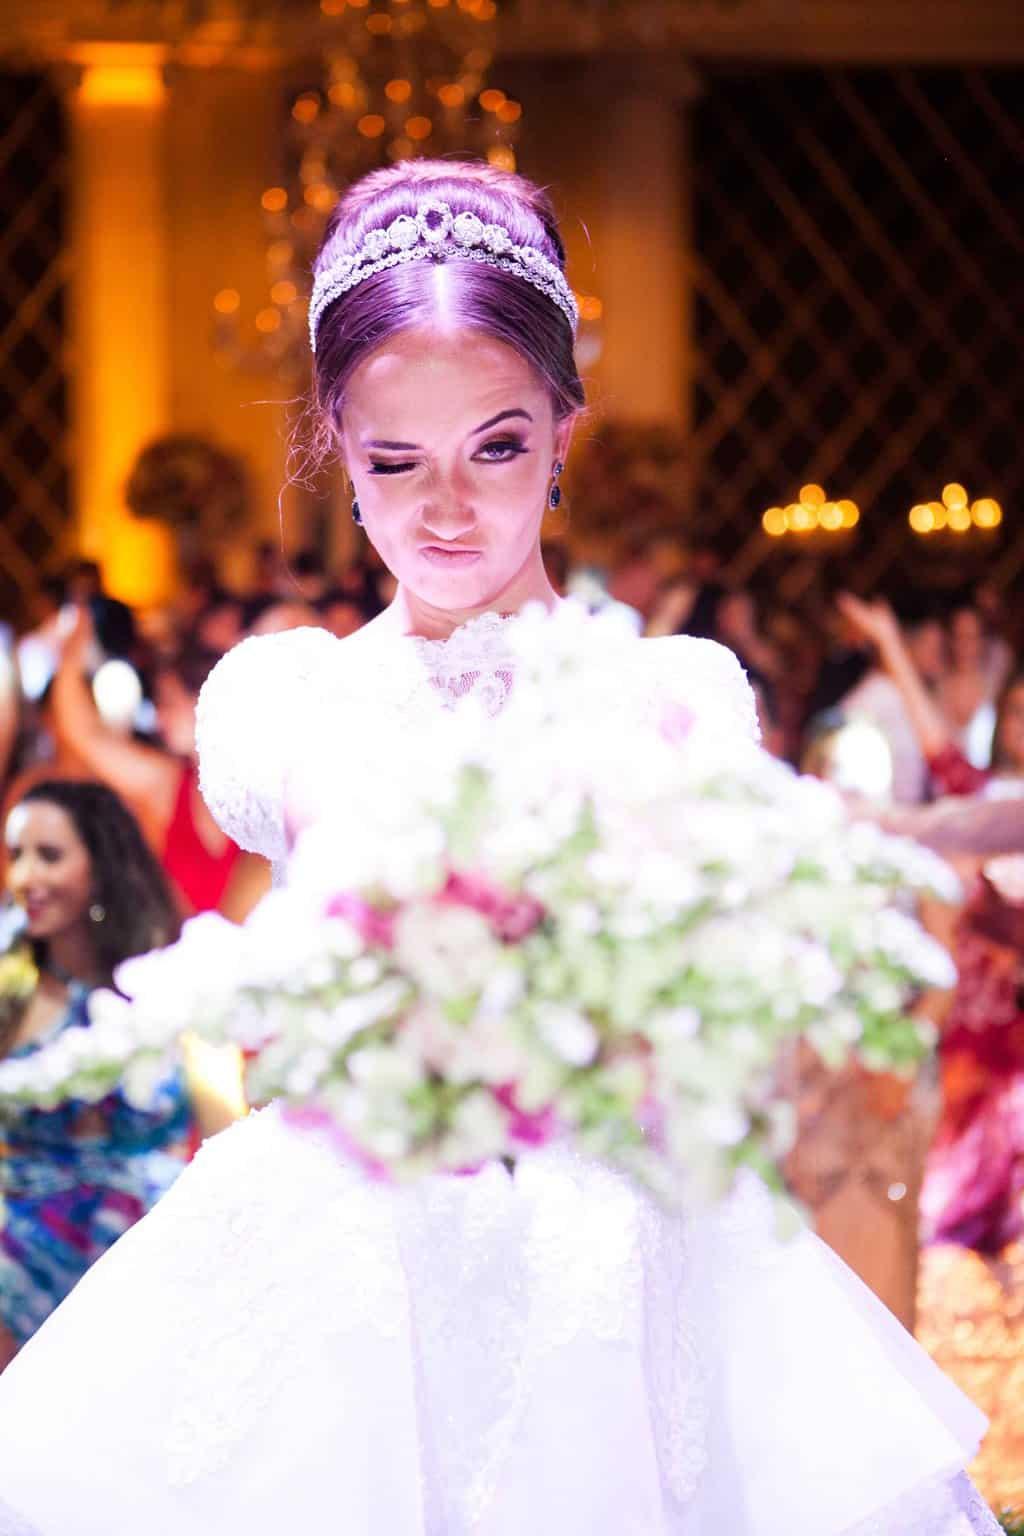 Buquê-Casamento-Clássico-Casamento-tradicional-Copacabana-Palace-Monica-Roias-Ribas-Foto-e-Vídeo-Silvio-Cruz-Tuanny-e-Bernardo-CaseMe